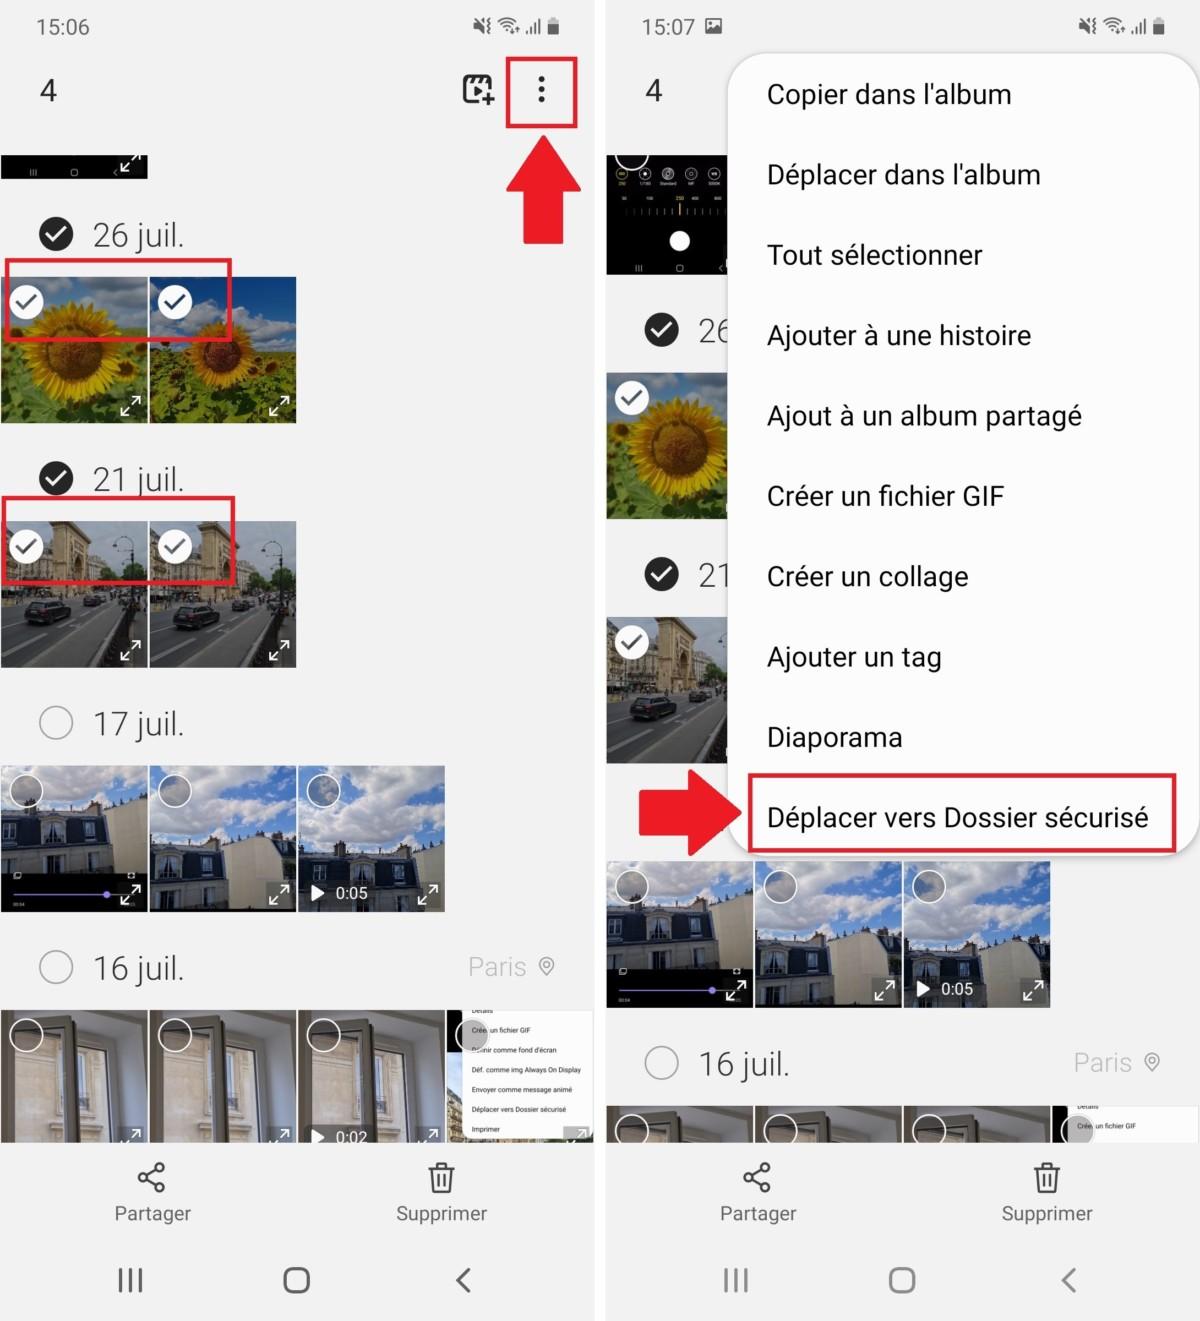 La première méthode pour cacher des images est de les sélectionner dans la Galerie, puis de les envoyer dans le Dossier sécurisé, en cliquant sur les 3 points situés en haut à droite de la Galerie.